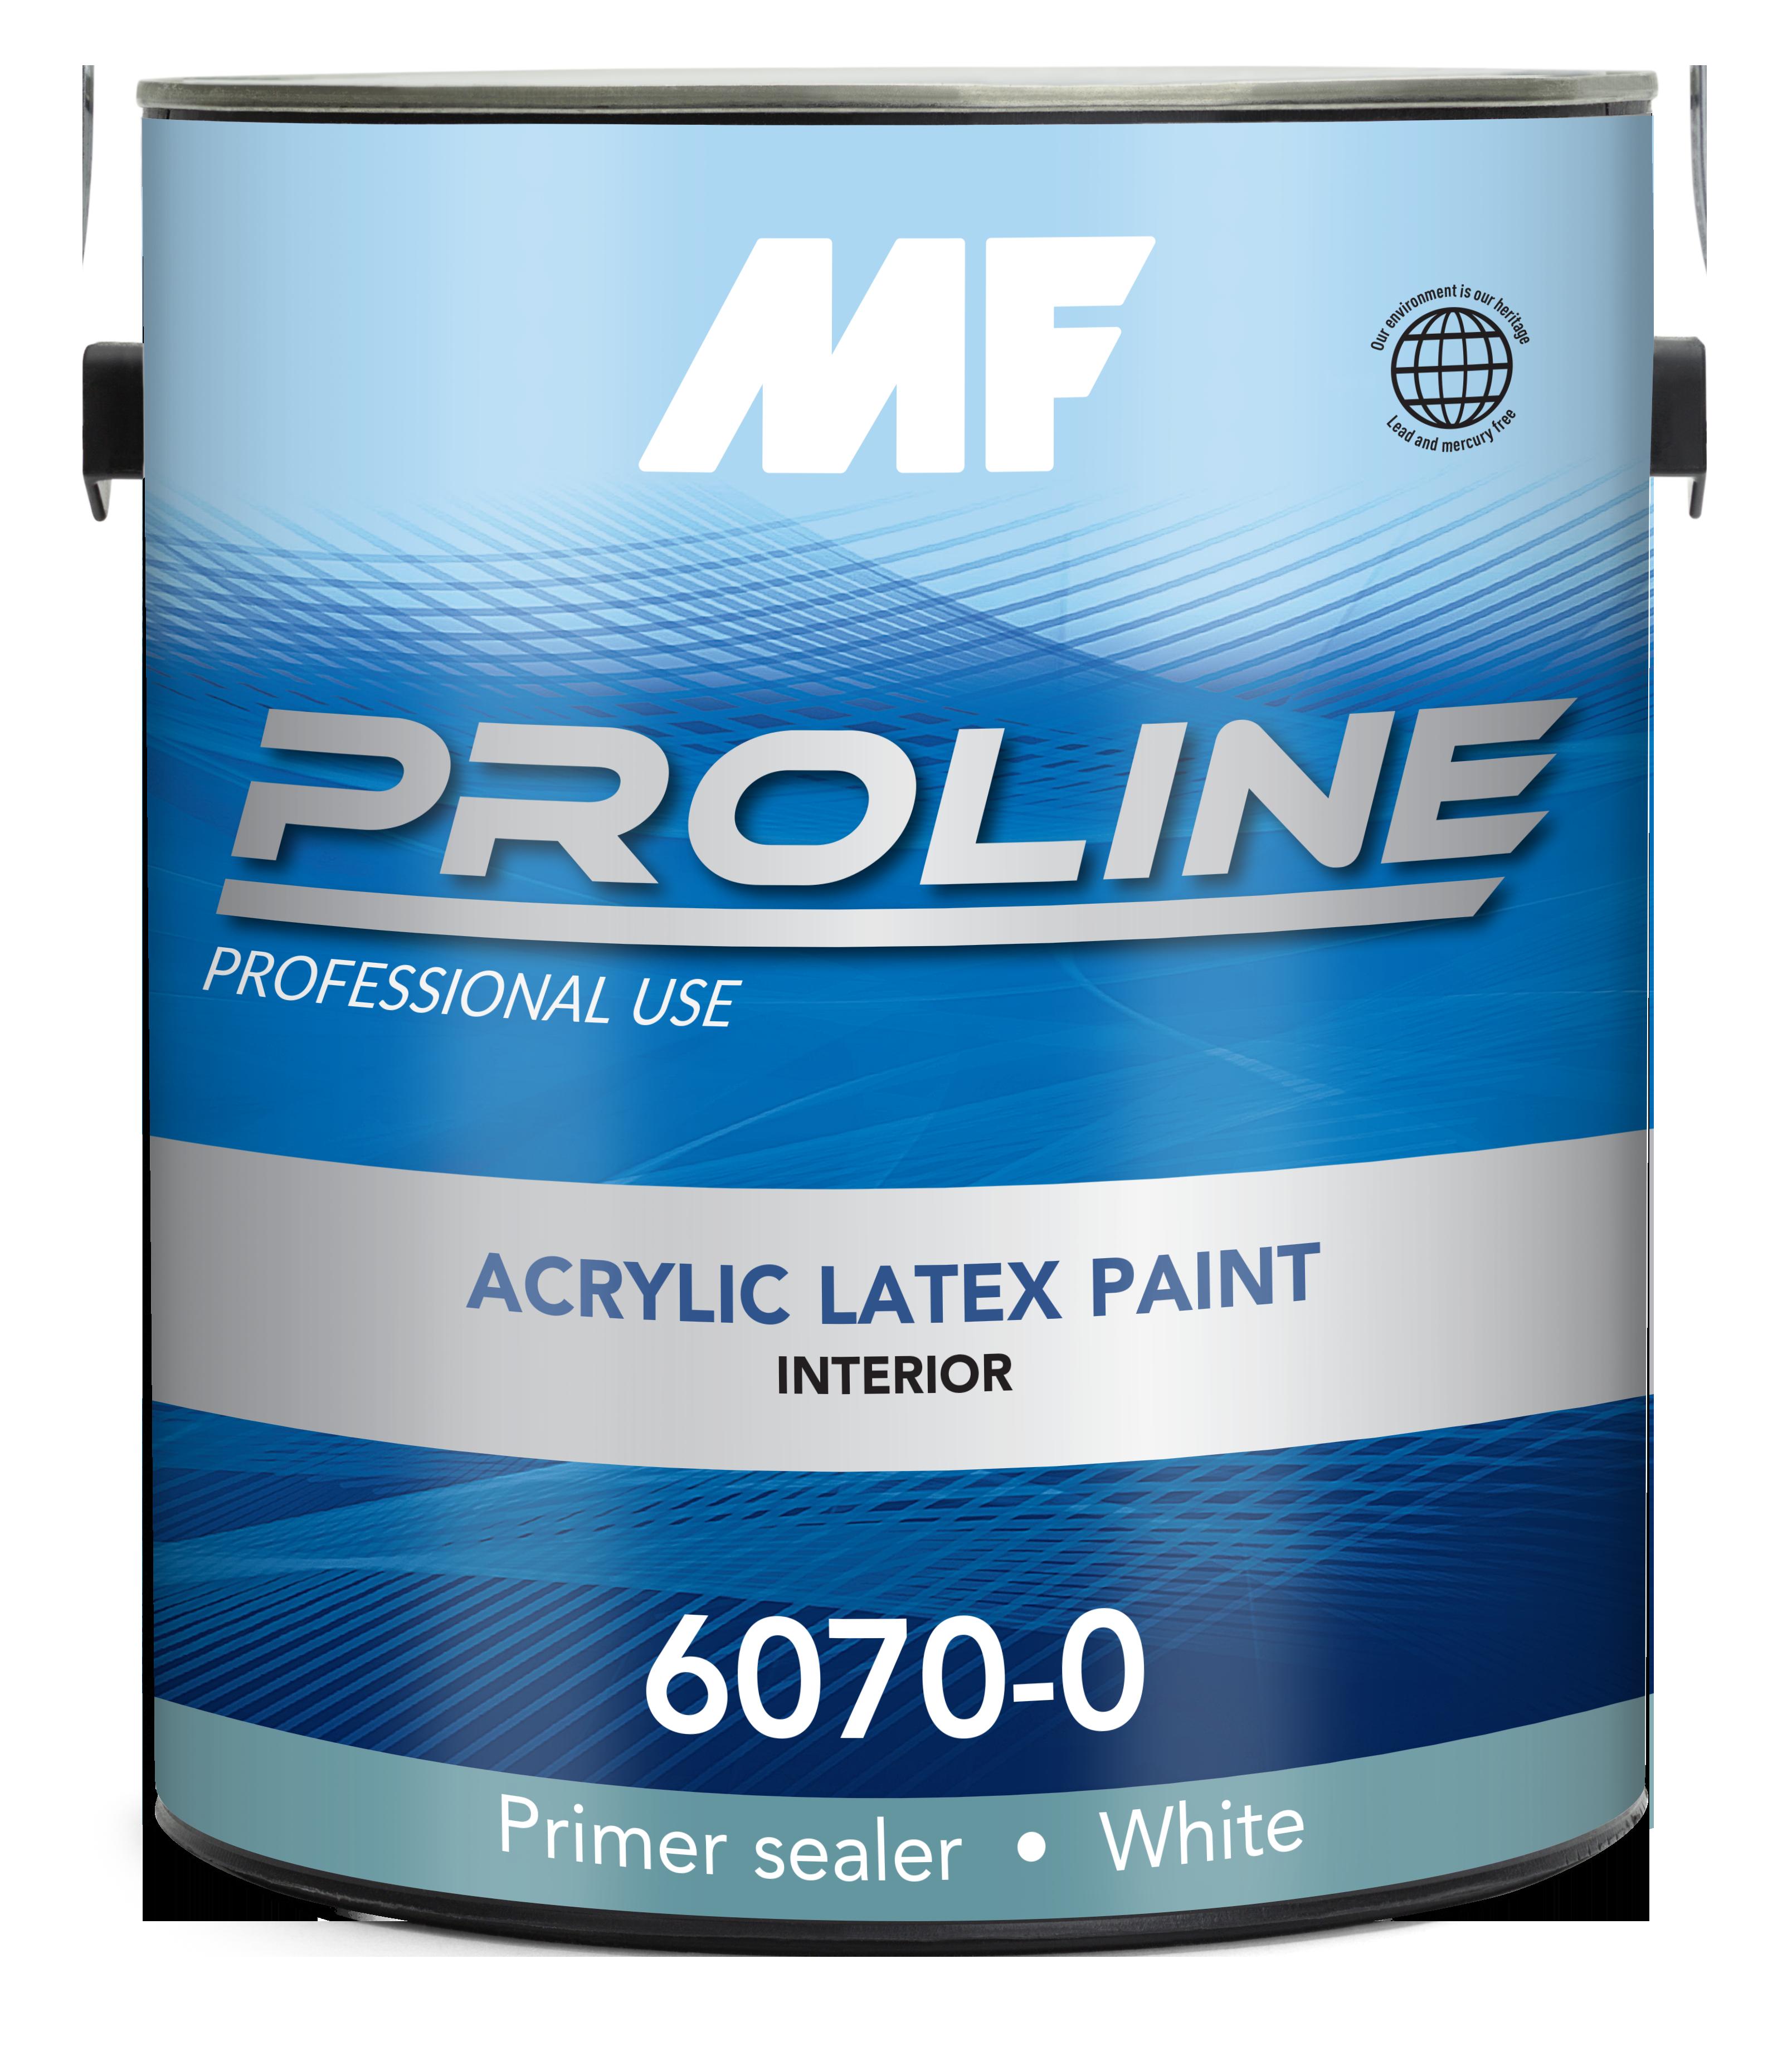 Proline Blue Primer 6070 Mf Paints